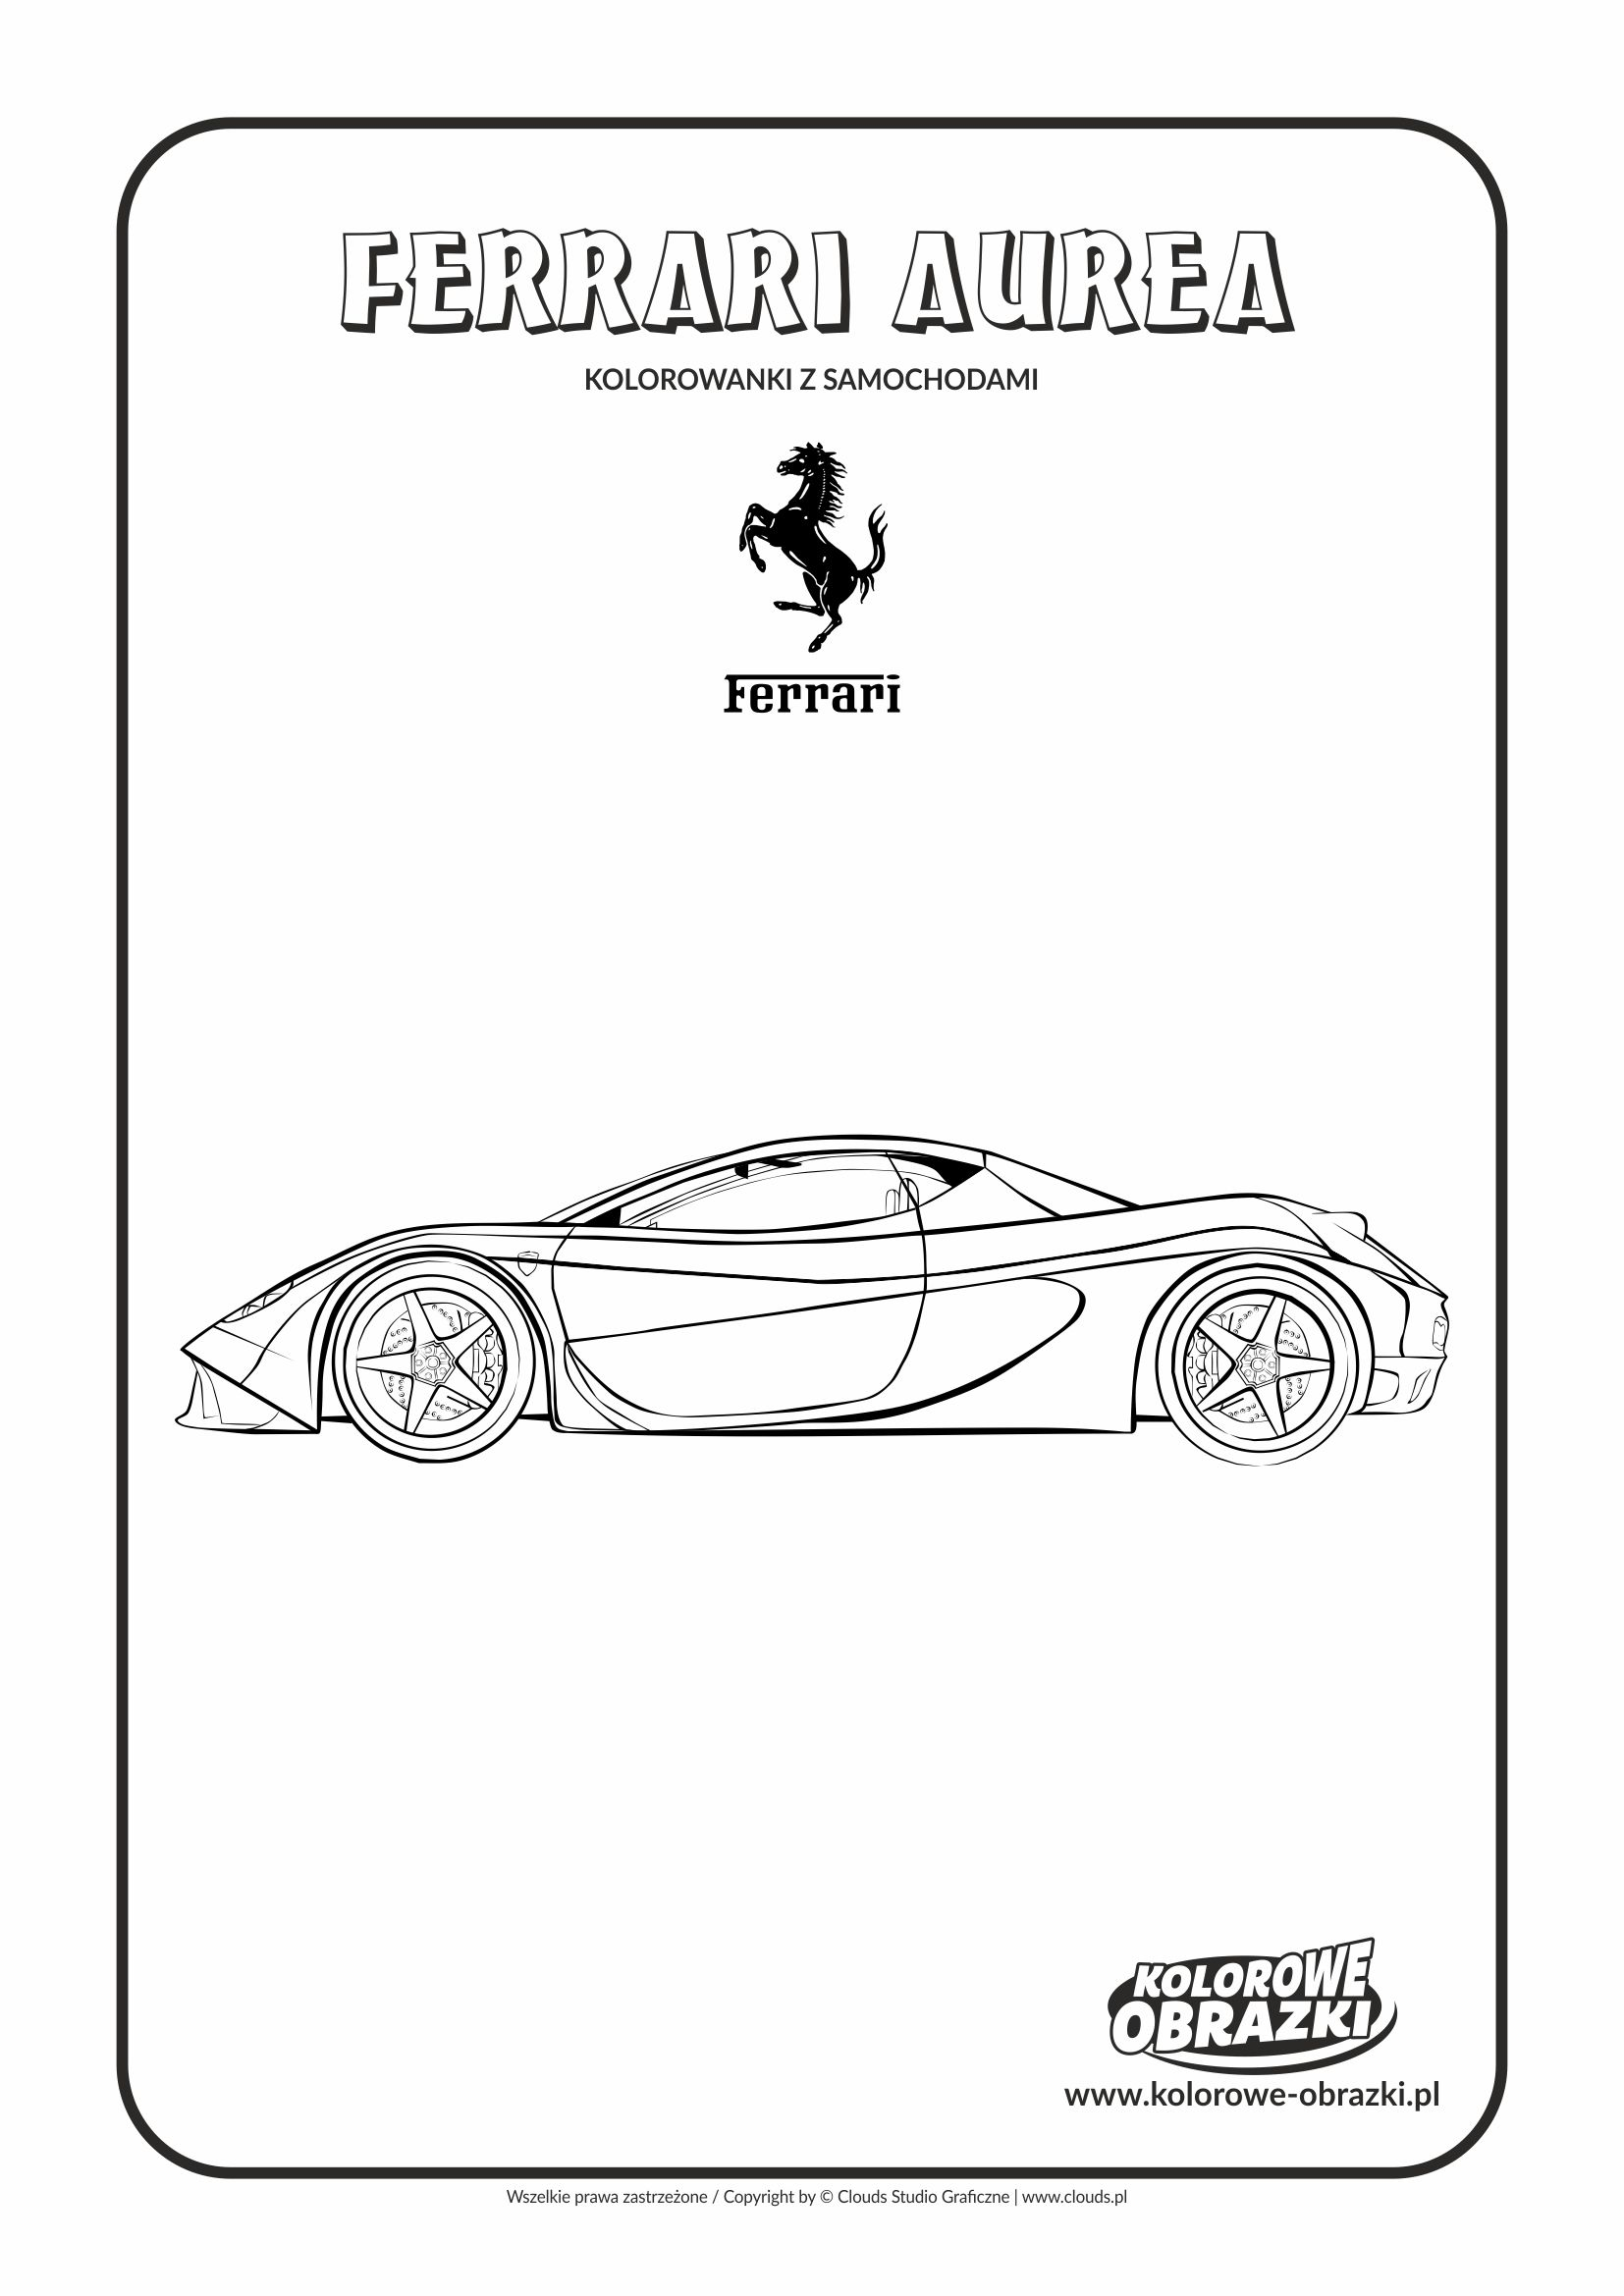 Kolorowanki dla dzieci - Pojazdy / Ferrari Aurea. Kolorowanka z Ferrari Aurea